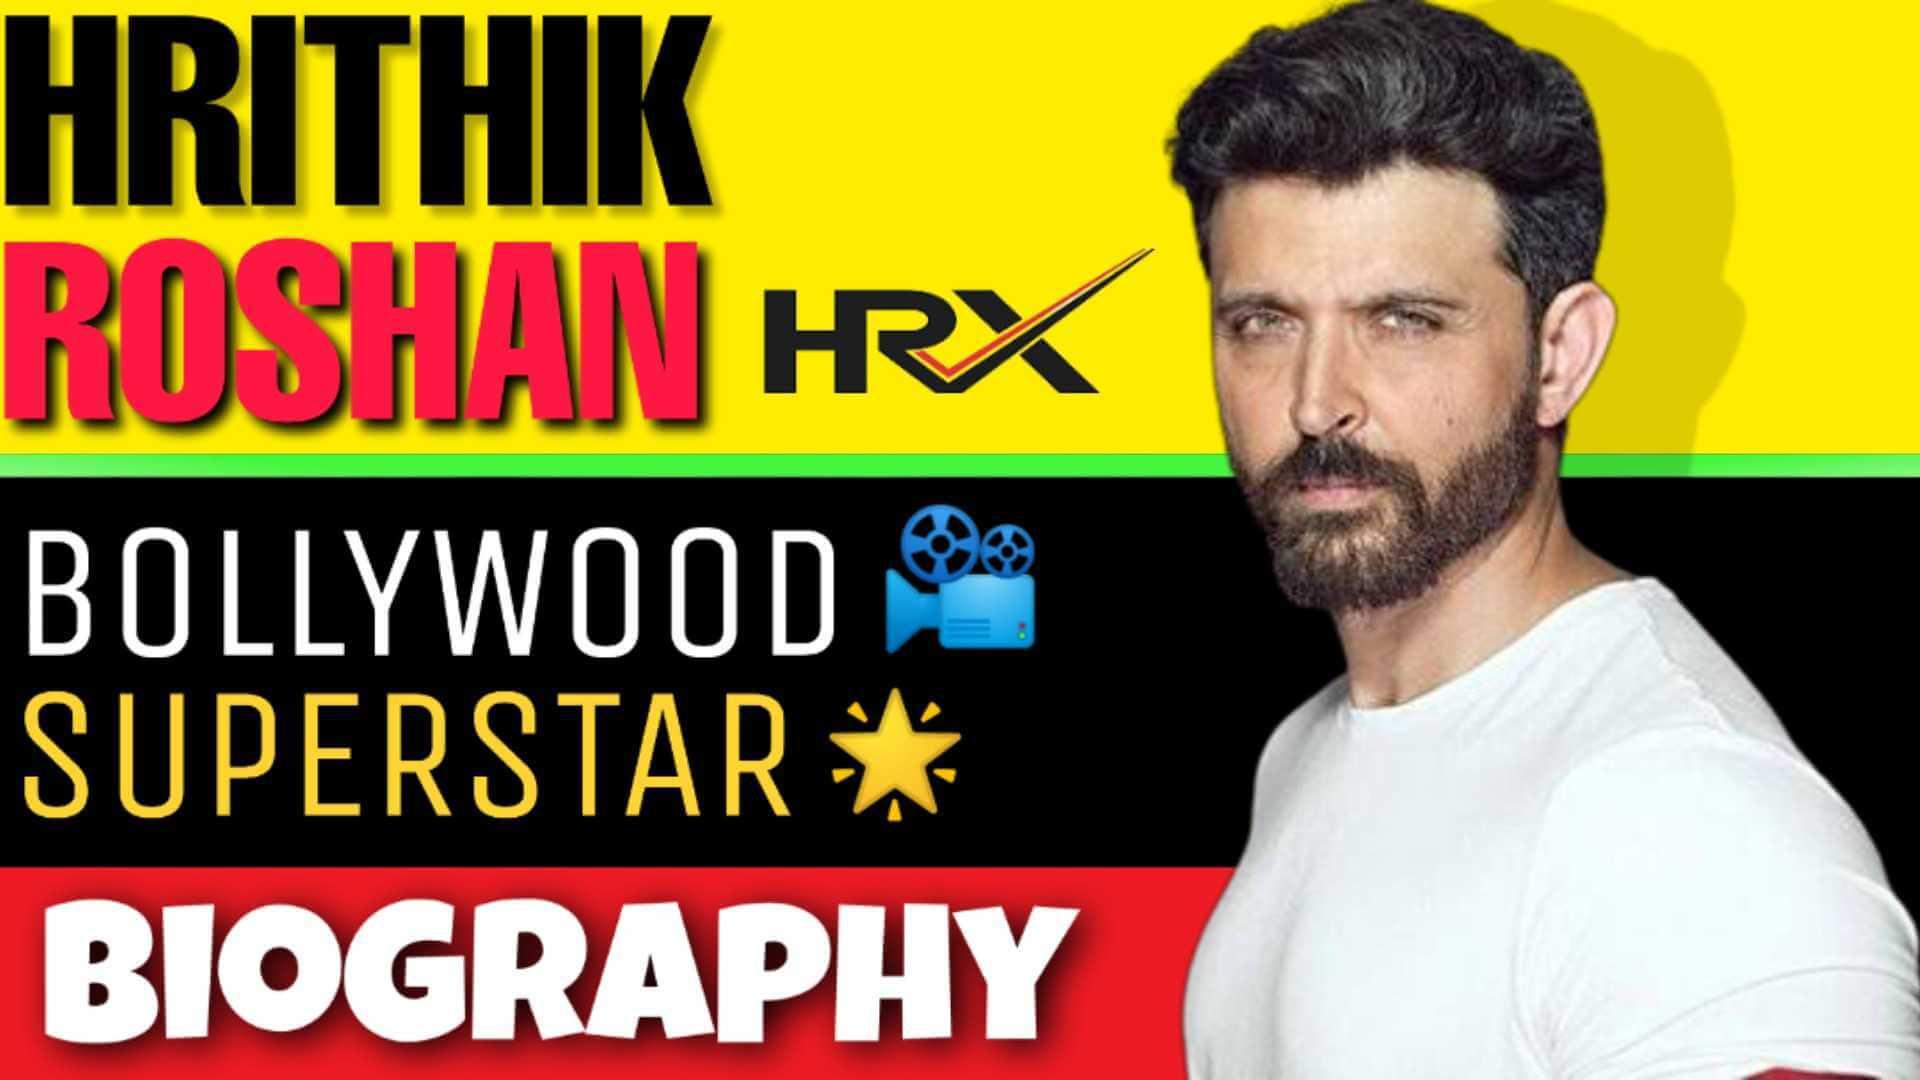 Hrithik Roshan Biography in Hindi | ऋतिक रोशन की जीवनी